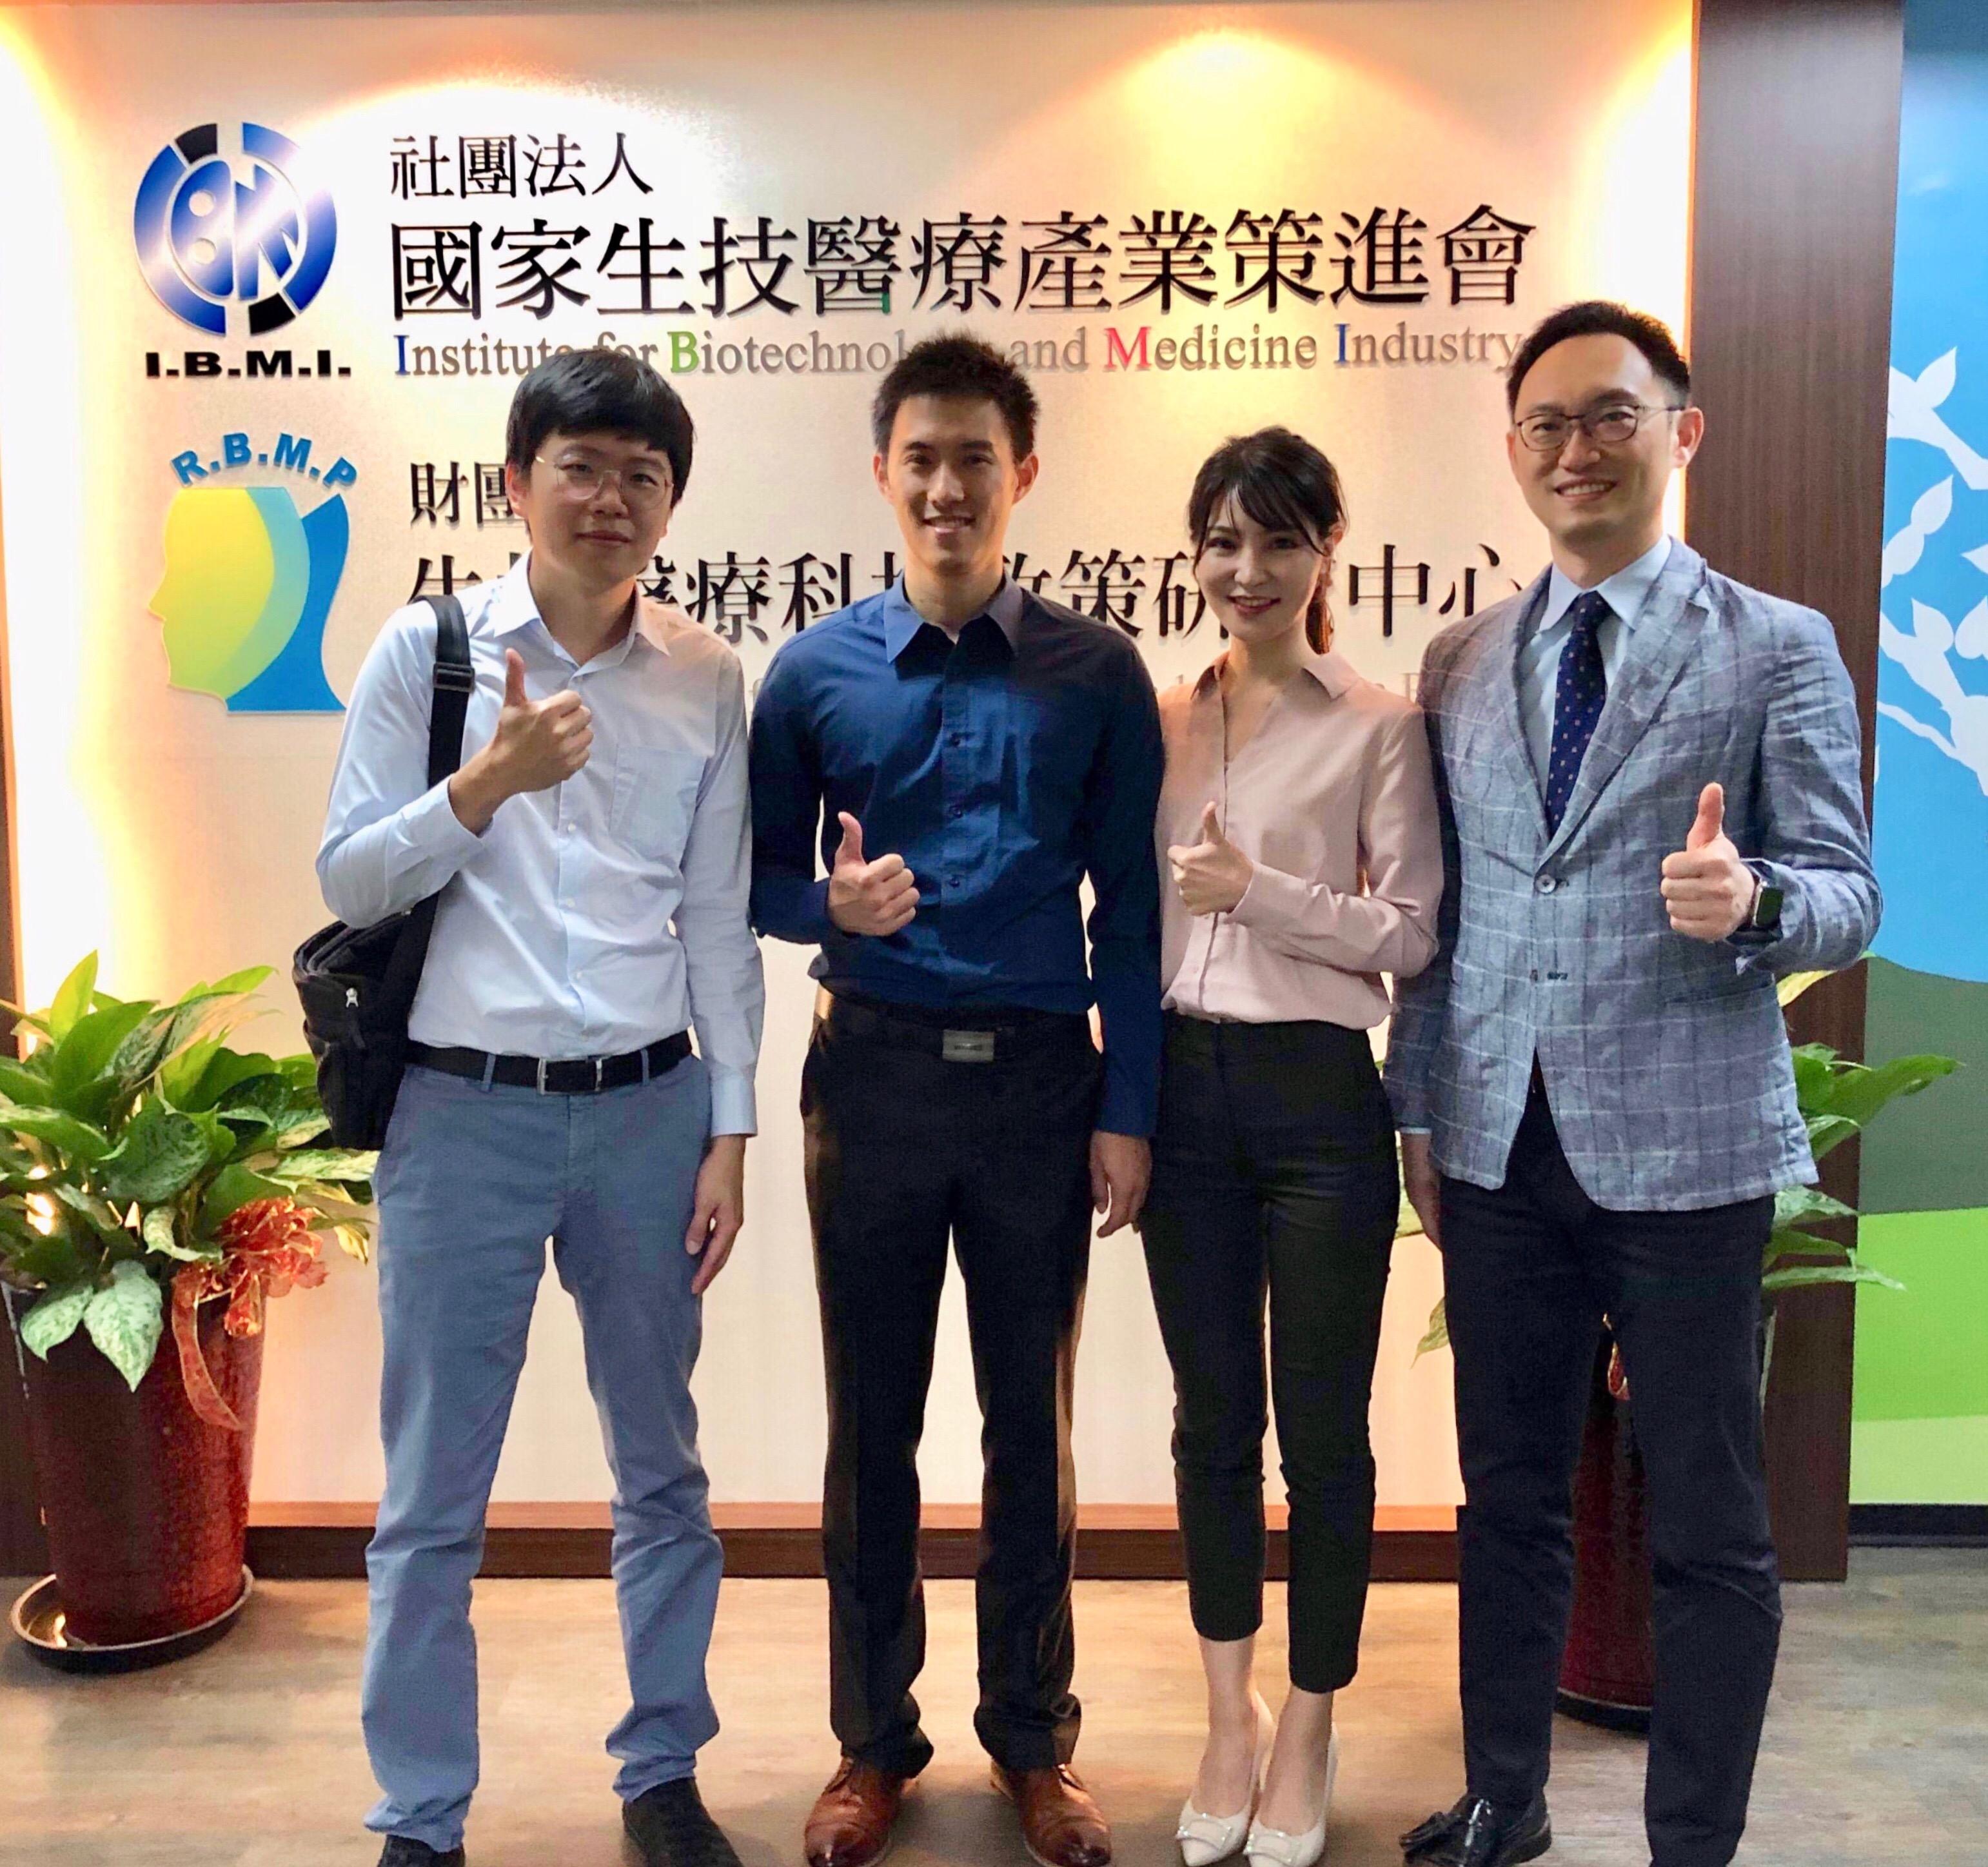 左起:胡尚秀教授,方人弘博士,許如秀博士,盧郁仁醫師。